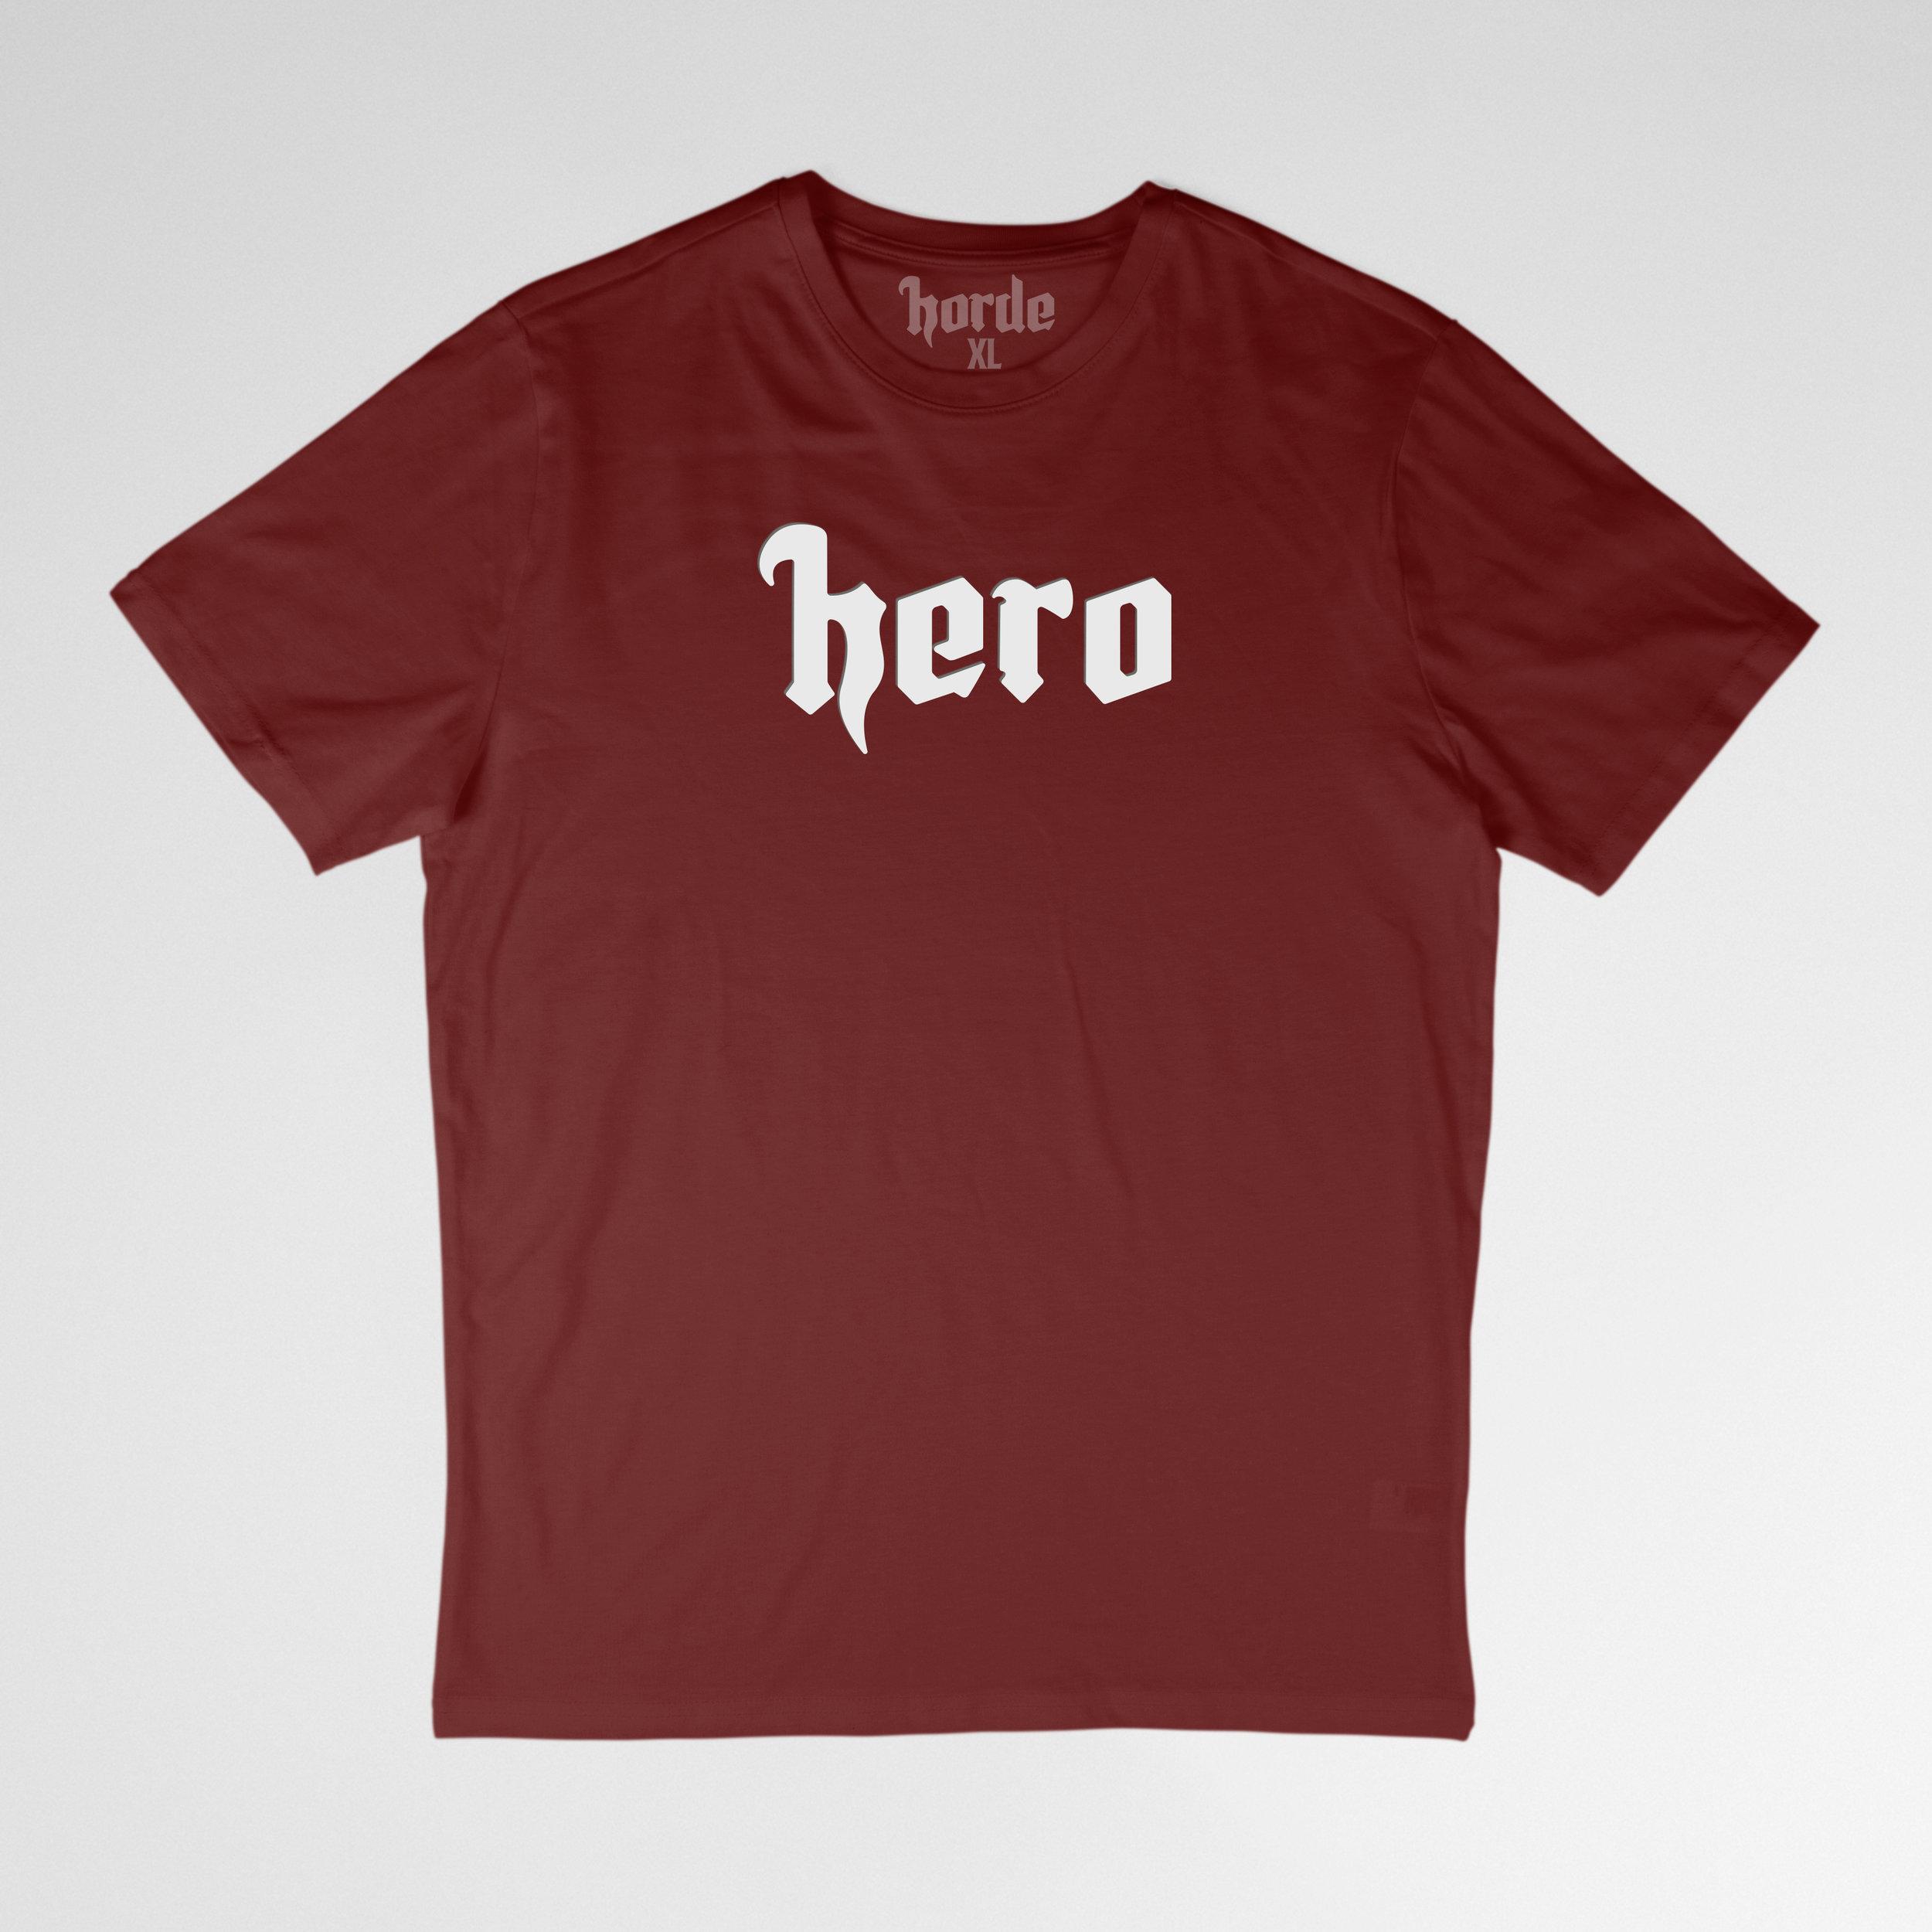 Horde-Tee-Hero-Black-Front.jpg